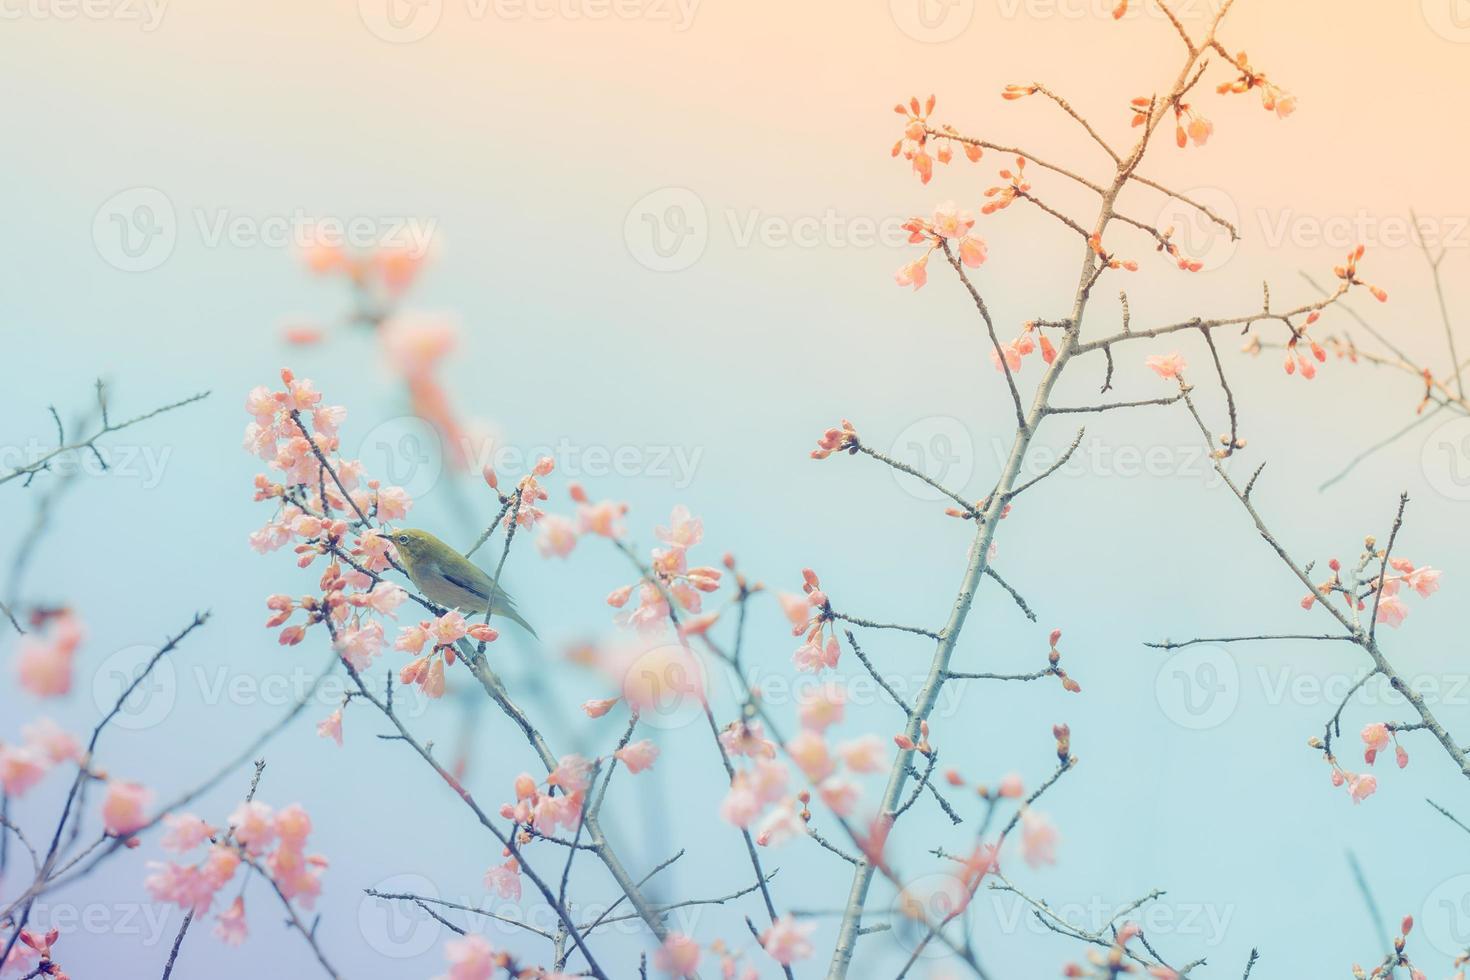 flores de cerejeira com um pássaro de olhos brancos foto